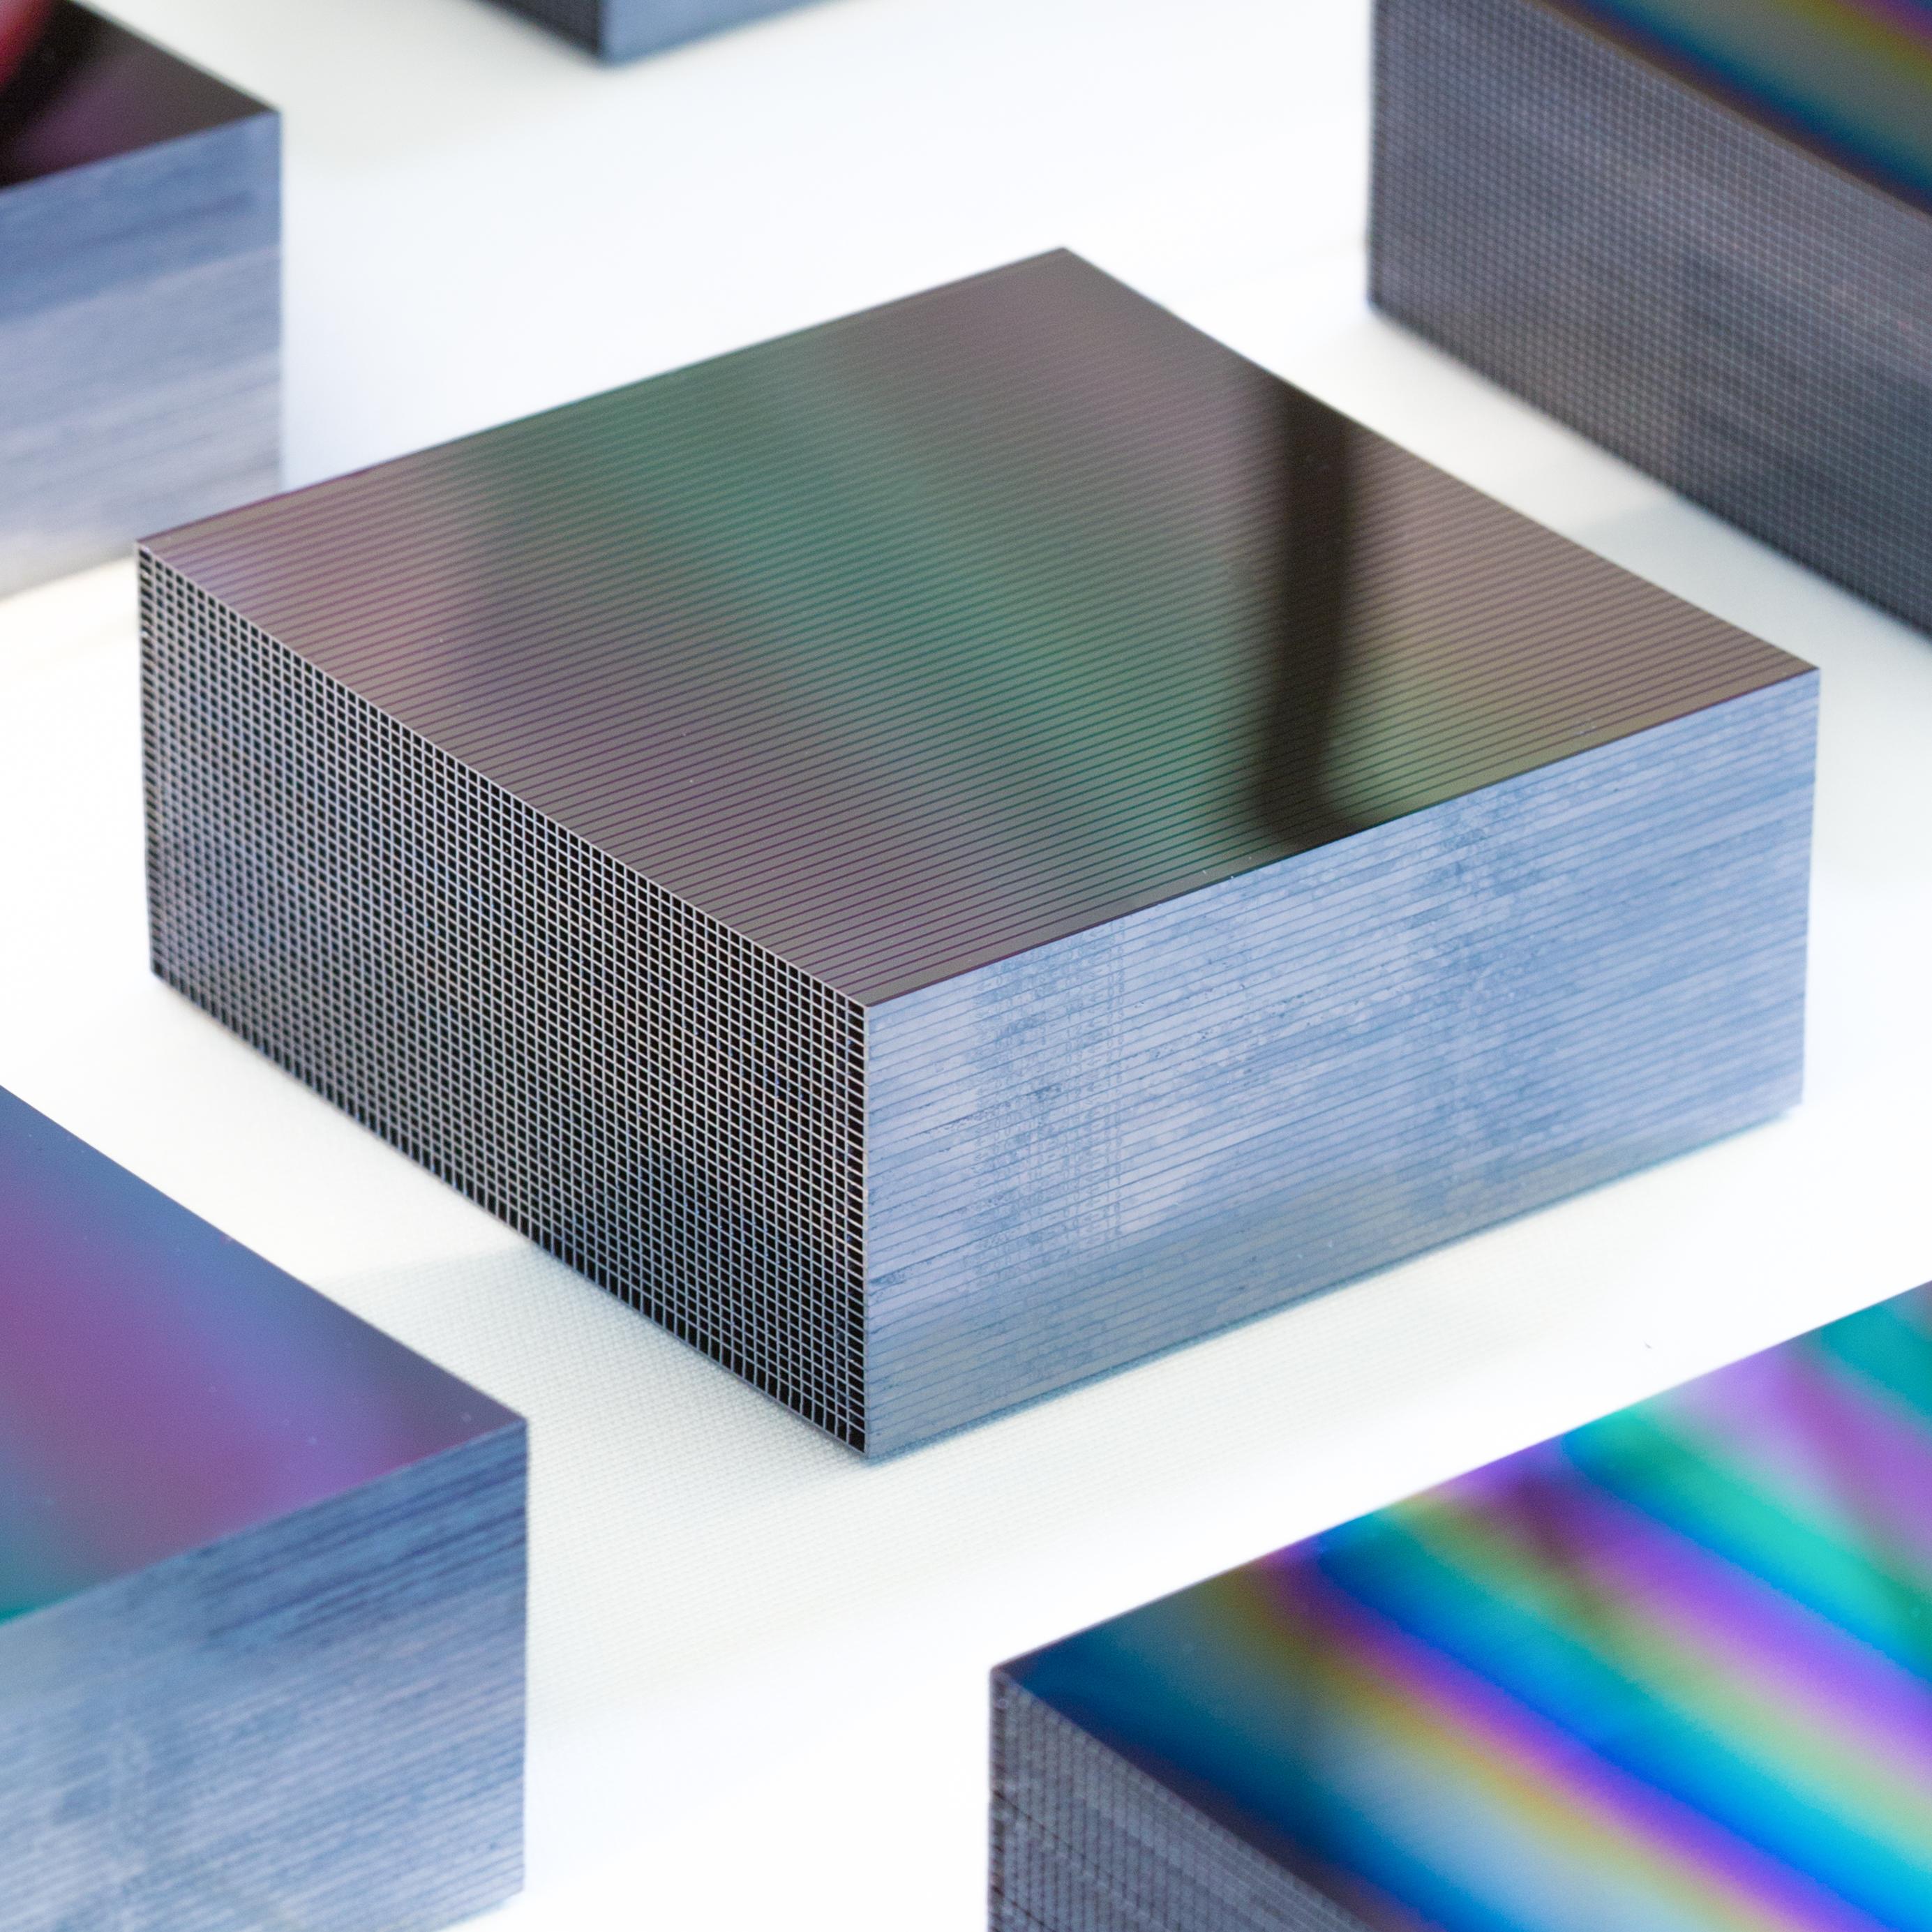 silicon_pore_optics_mirror_stack